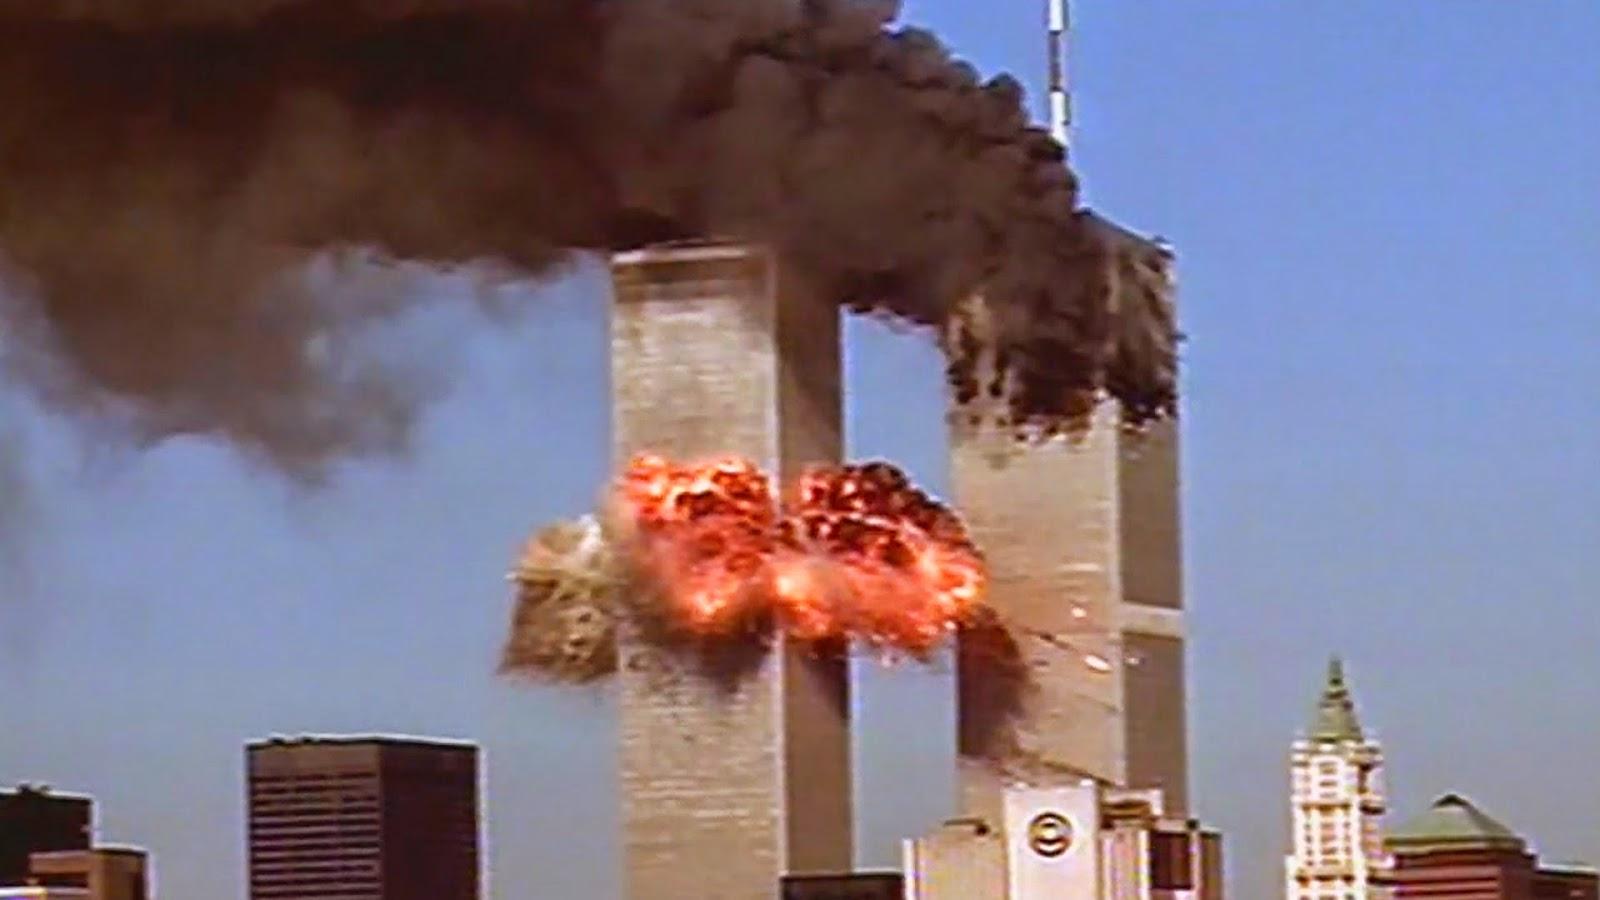 Bekas Wartawan New York Times Kesal Melaporkan Berita Tidak Benar Peristiwa 9 11